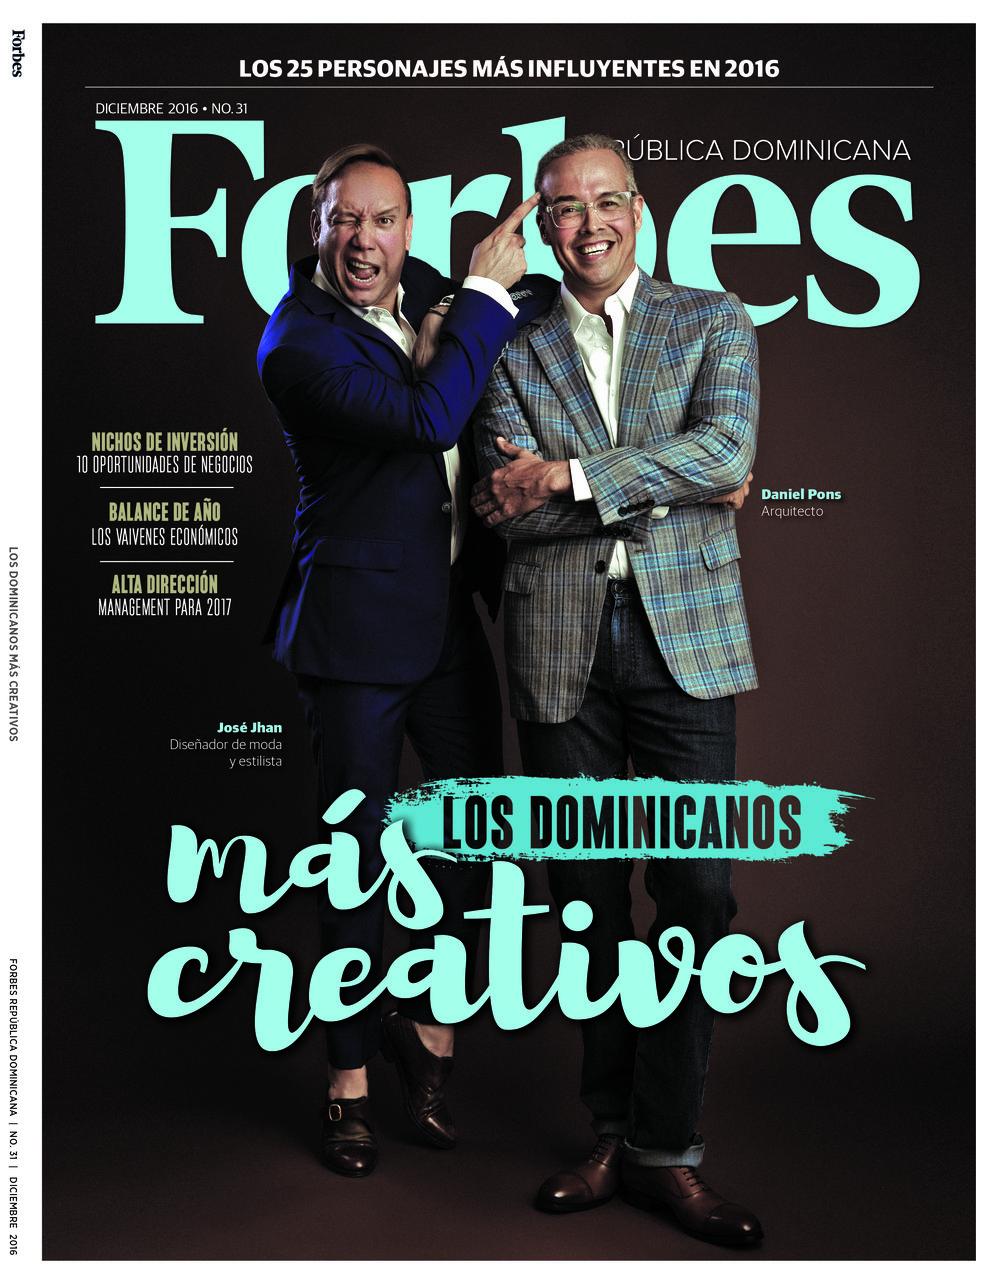 """Edición Diciembre 2016. Jose Jhan (diseñador de moda) y Daniel Pons (arquitecto) en """"Los Dominicanos Más Creativos"""" de República Dominicana para la revista Forbes."""